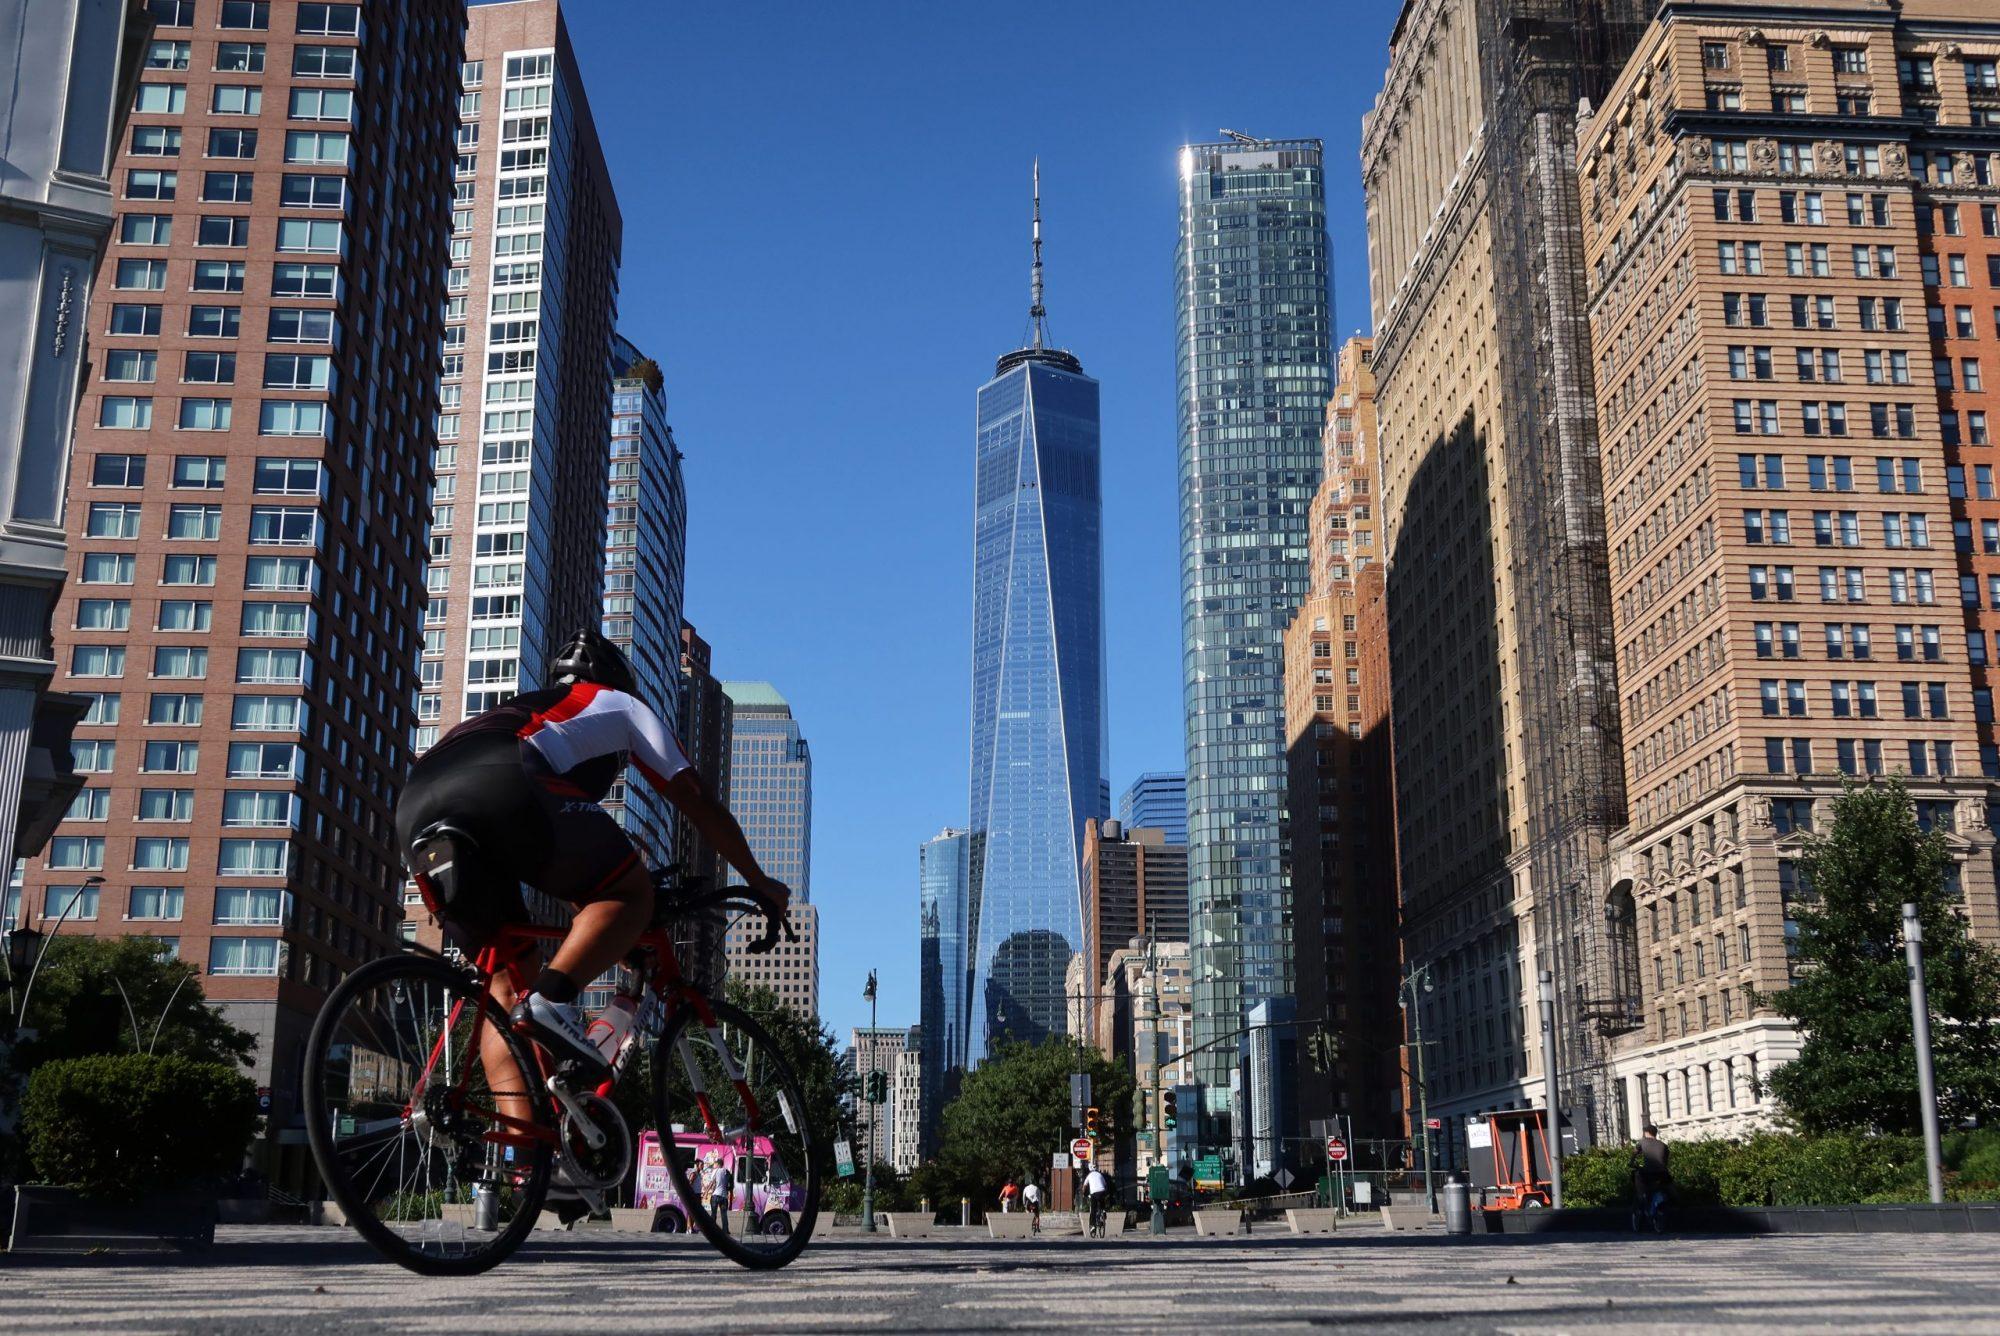 Fietsen in New York City: waar te gaan, fietsen te huren en andere tips